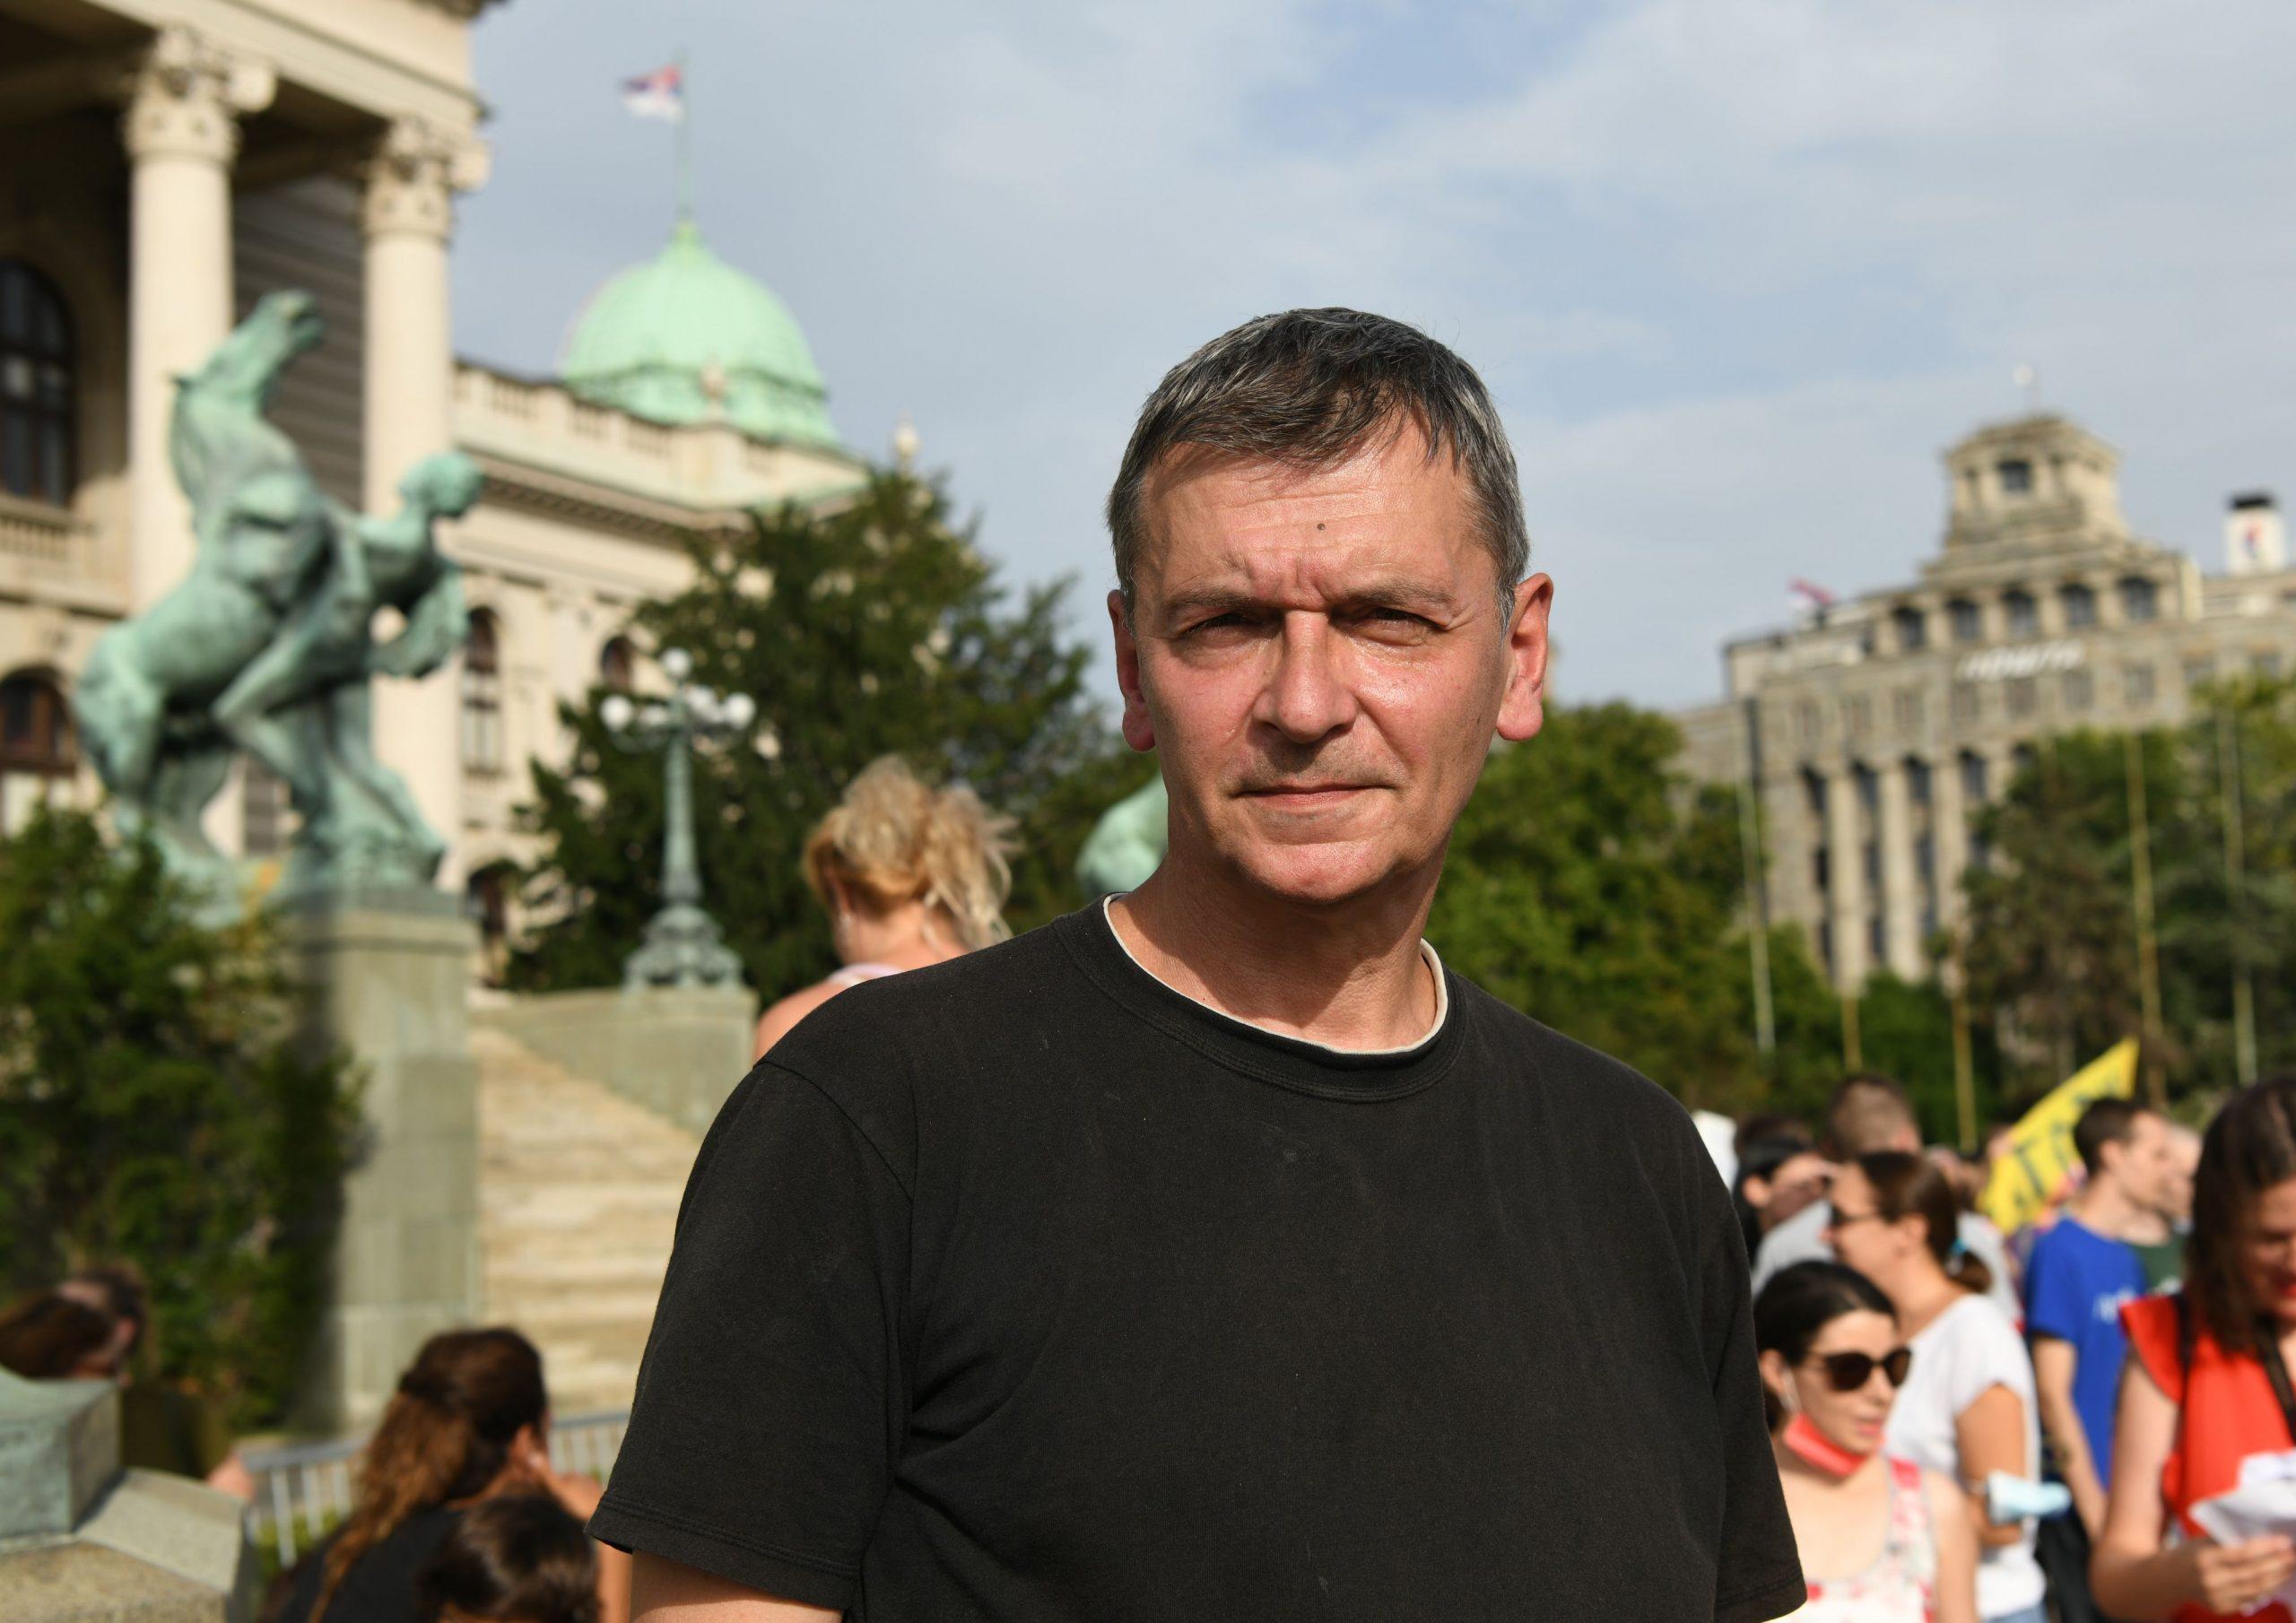 Protest ispred Skupstine Srbije Vode Srbije Eko straza Aleksandar Jovanovic Cuta